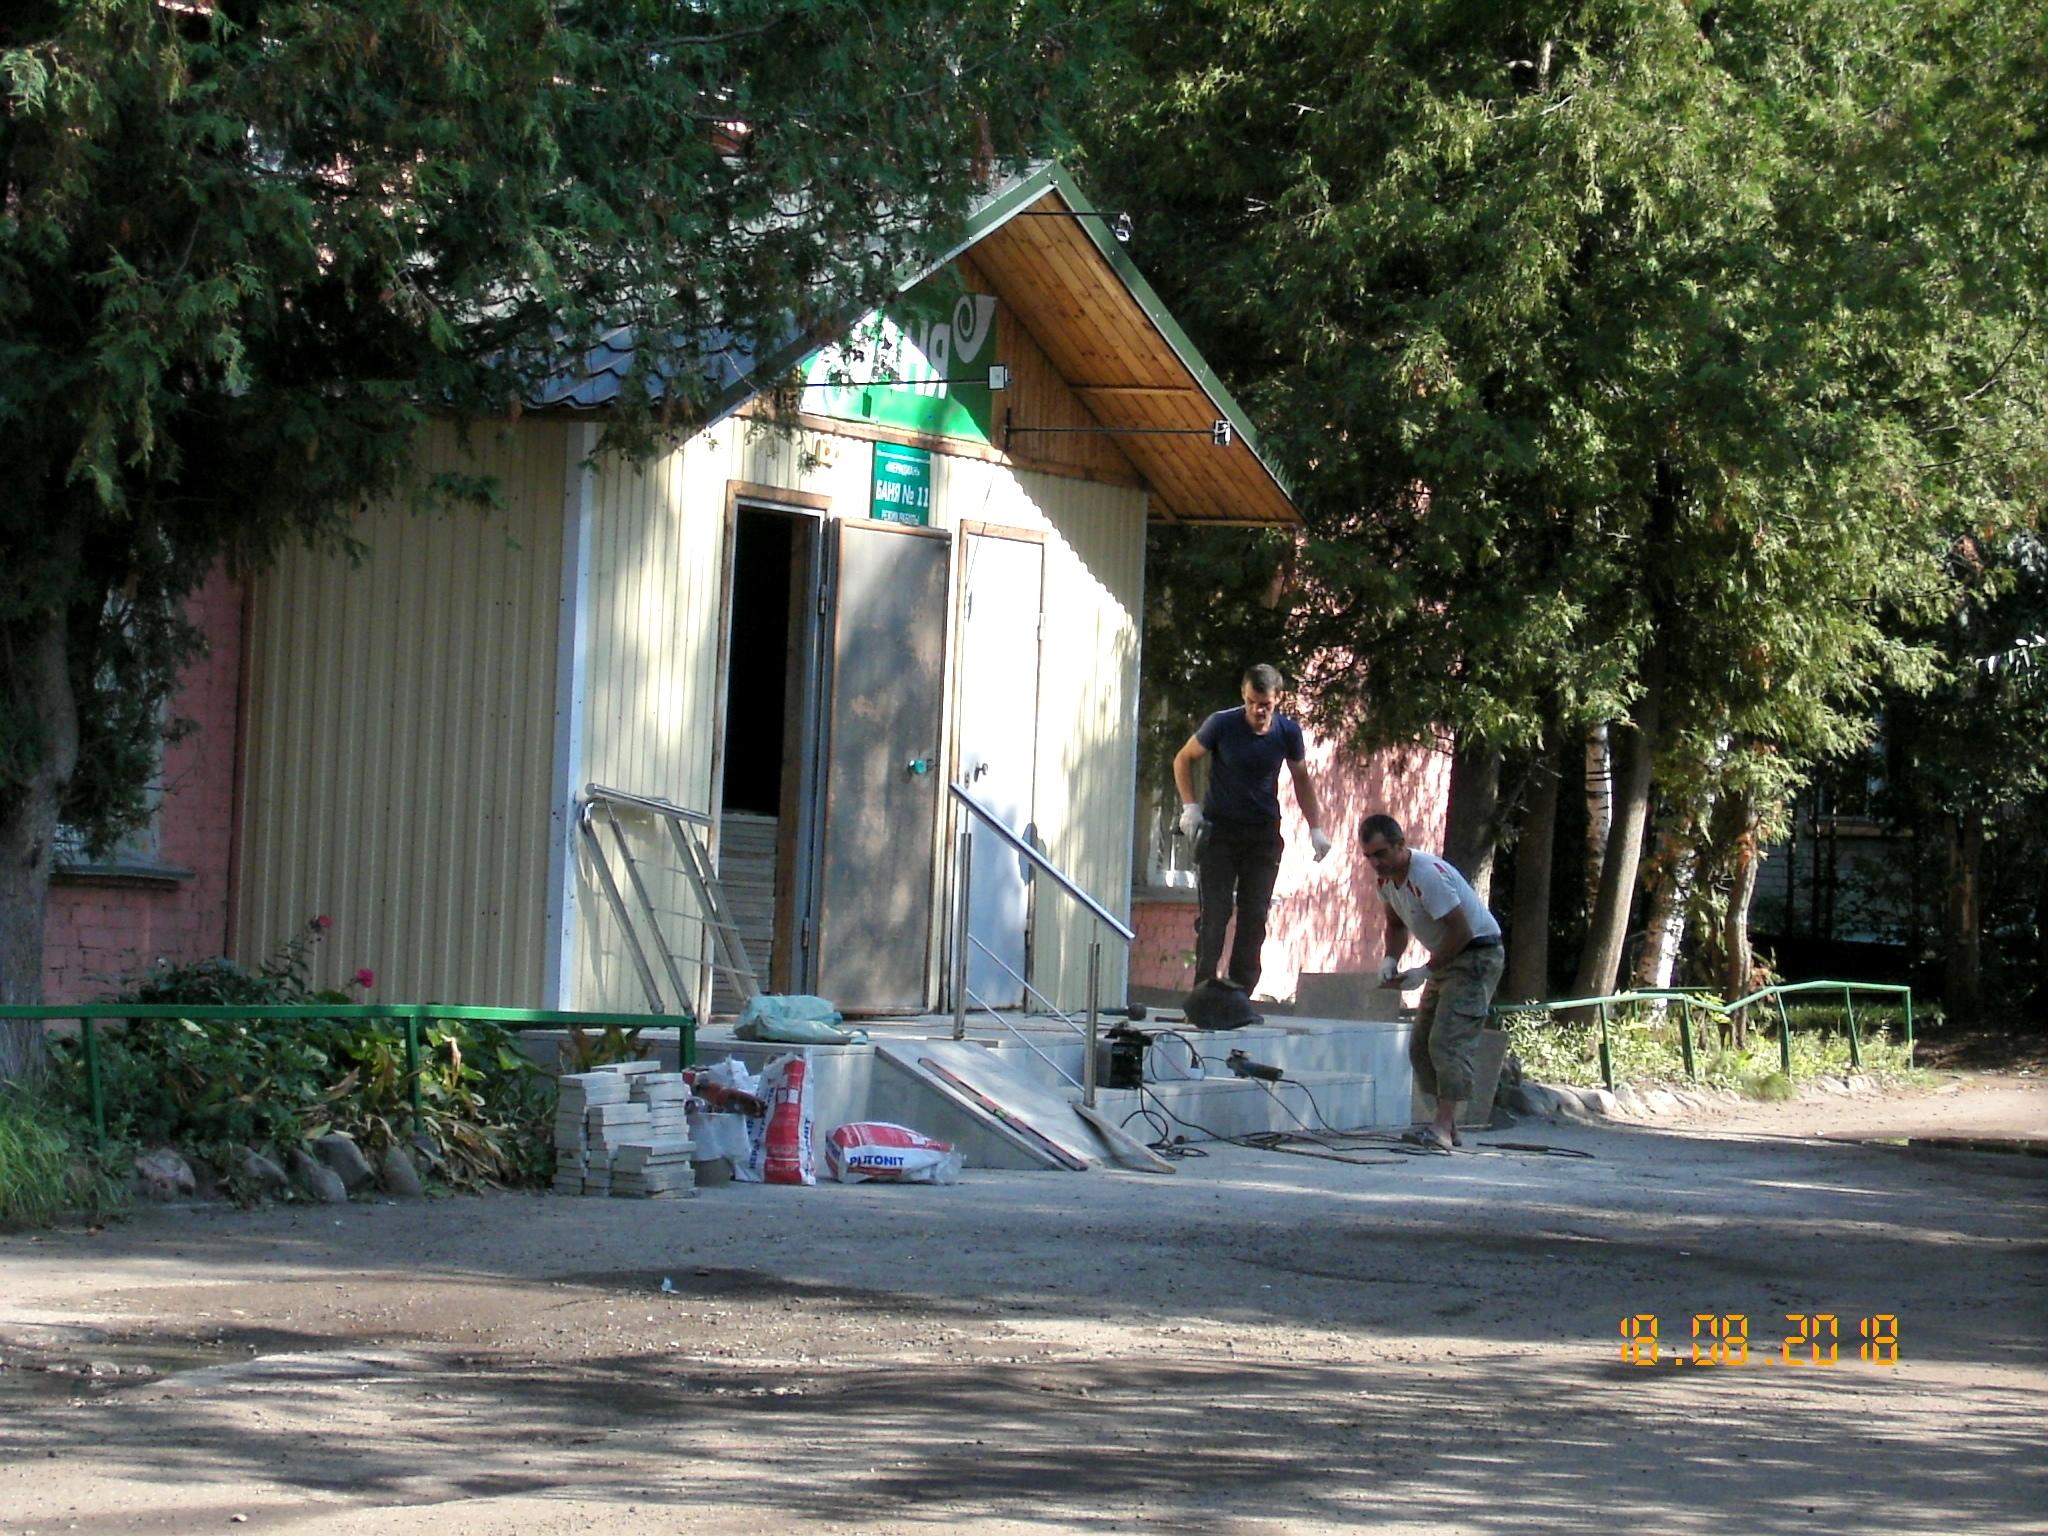 Карабулинская развязка ярославль схема 2016